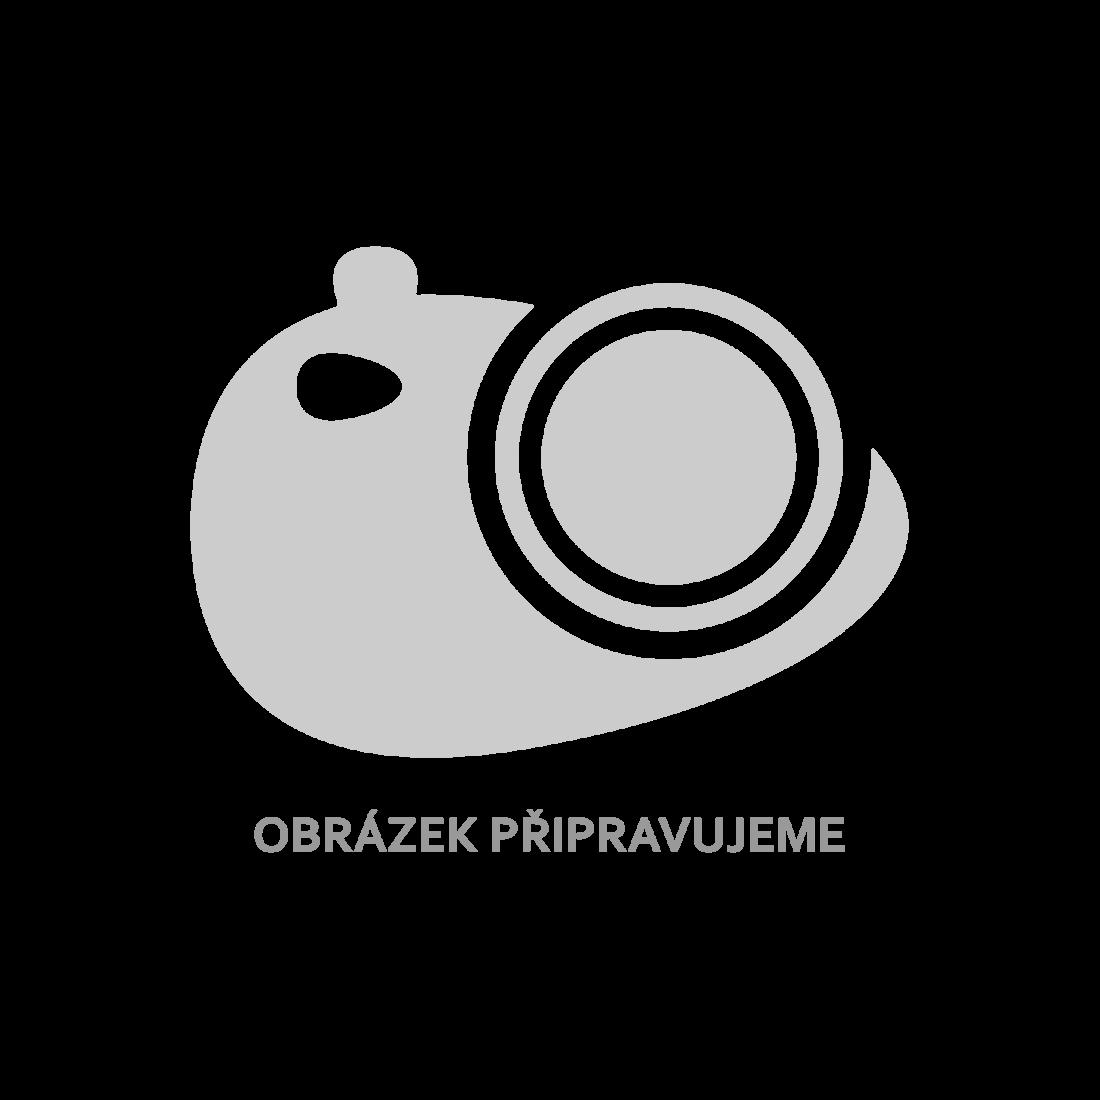 vidaXL Jídelní stůl černý a betonově šedý 180 x 90 x 75 cm MDF [281860]